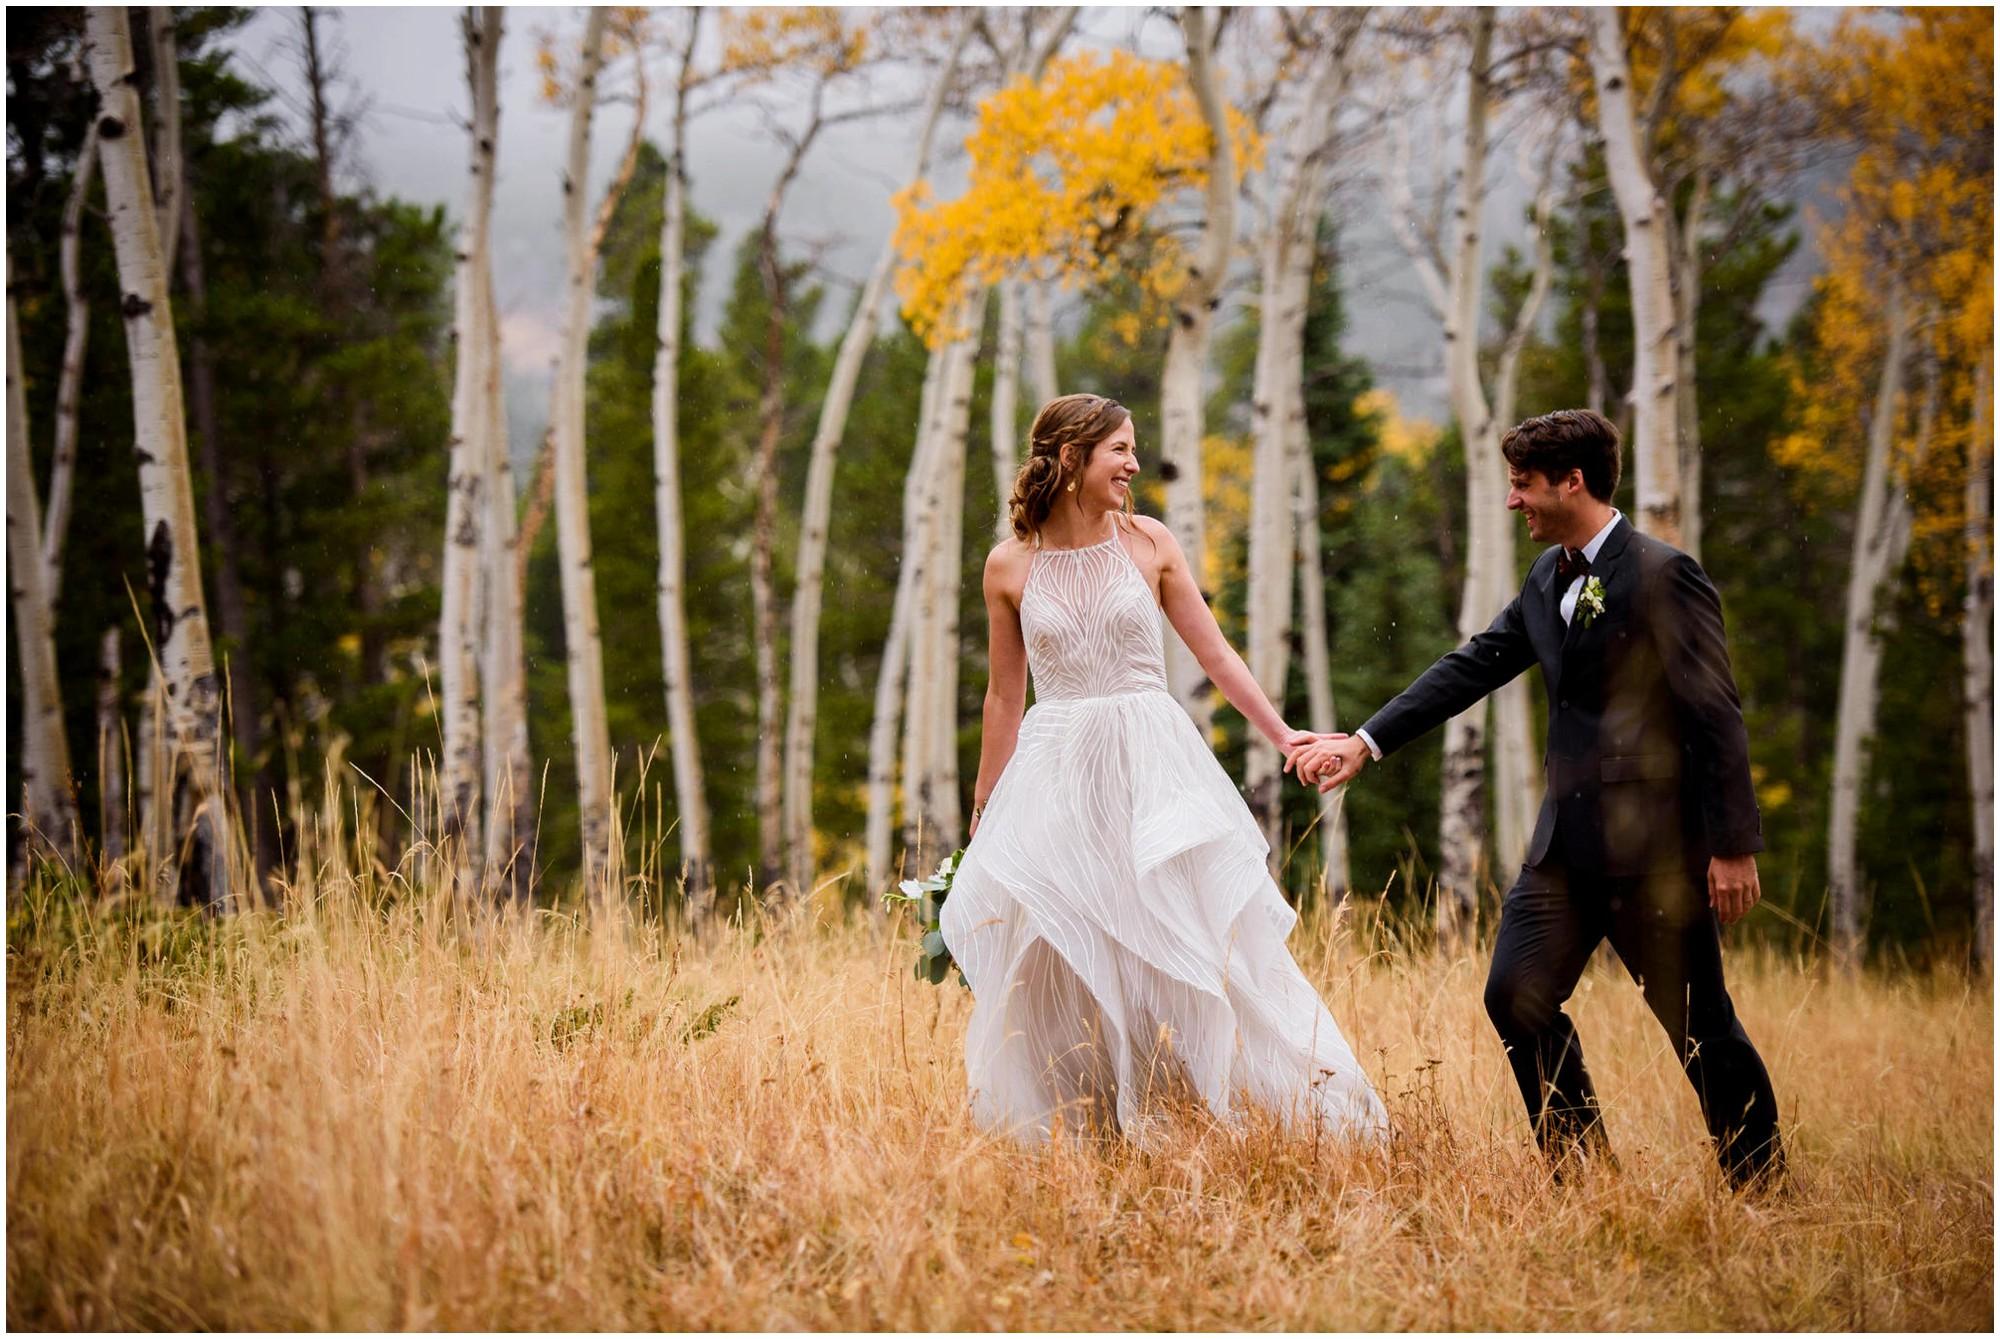 734-Estes-Park-Colorado-Fall-Wedding-Photography.jpg